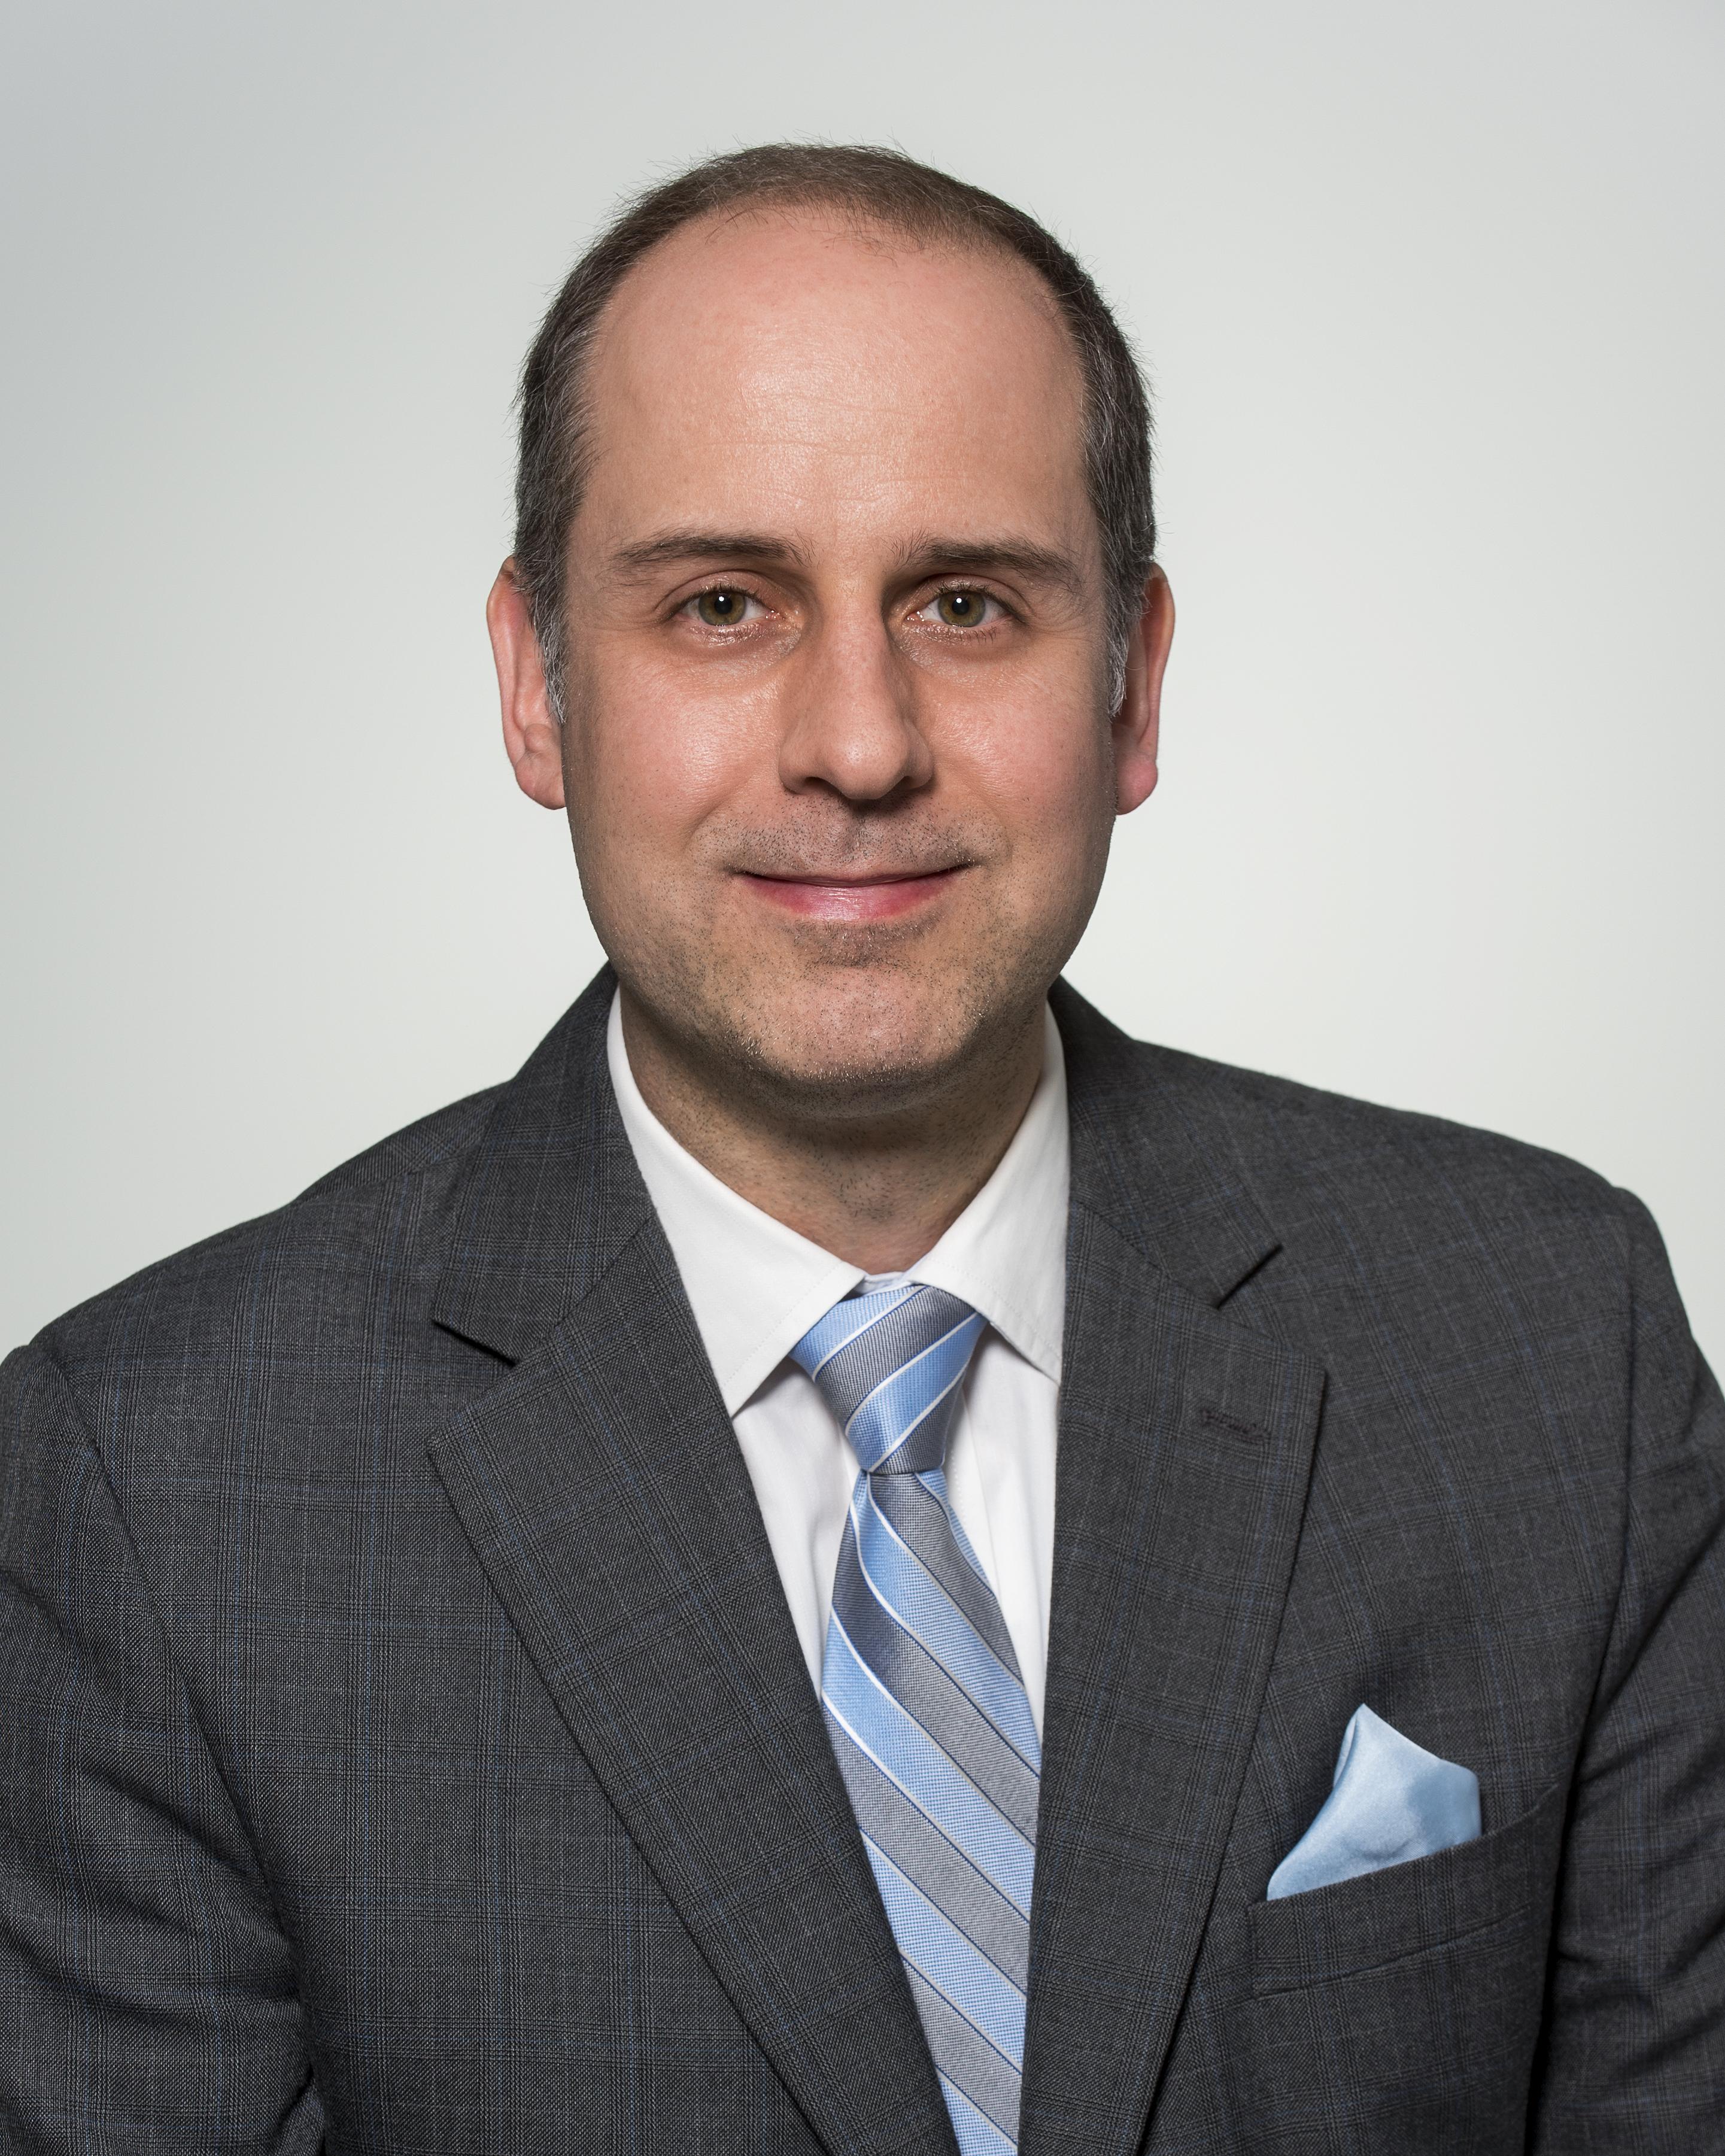 Councillor Stephen Holyday's portrait